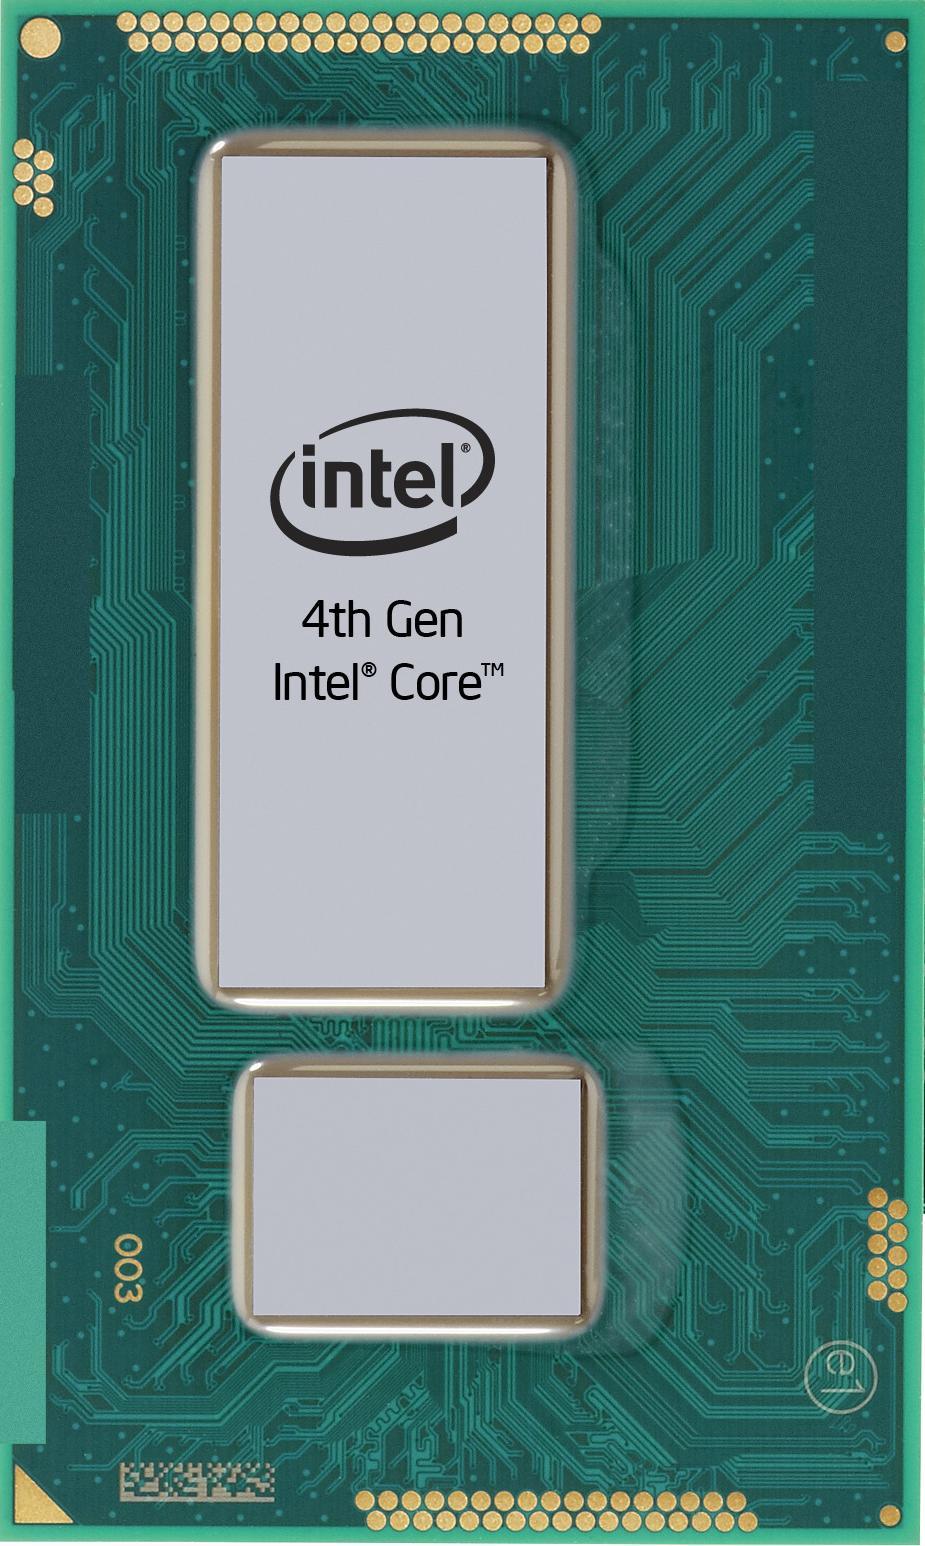 Intel Core i5-4200U